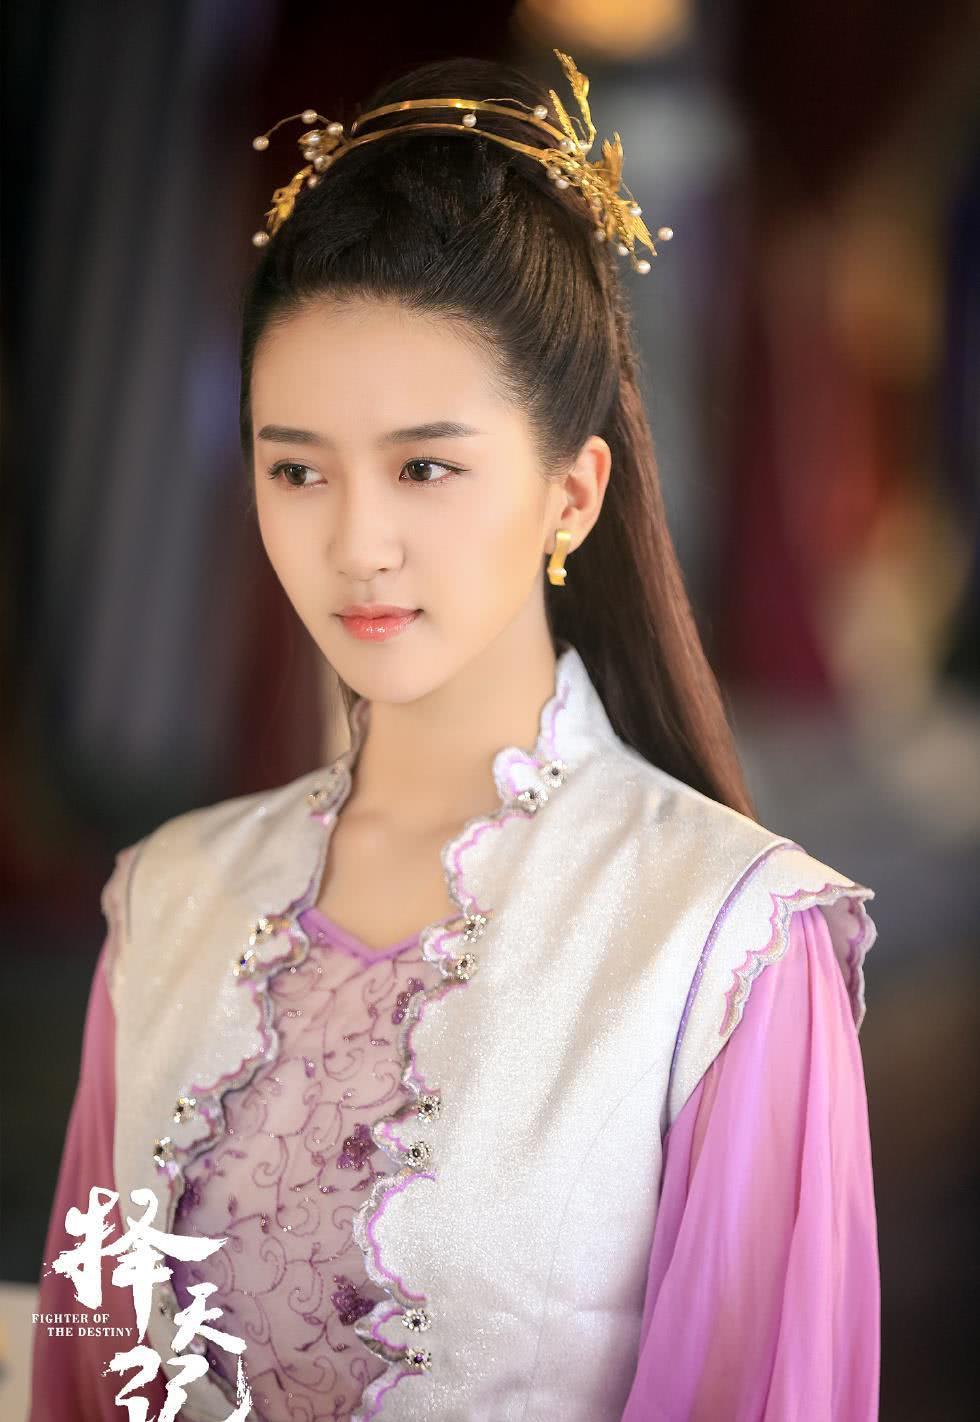 许龄月,92年出生于云南省曲靖市,中国内地影视女演员